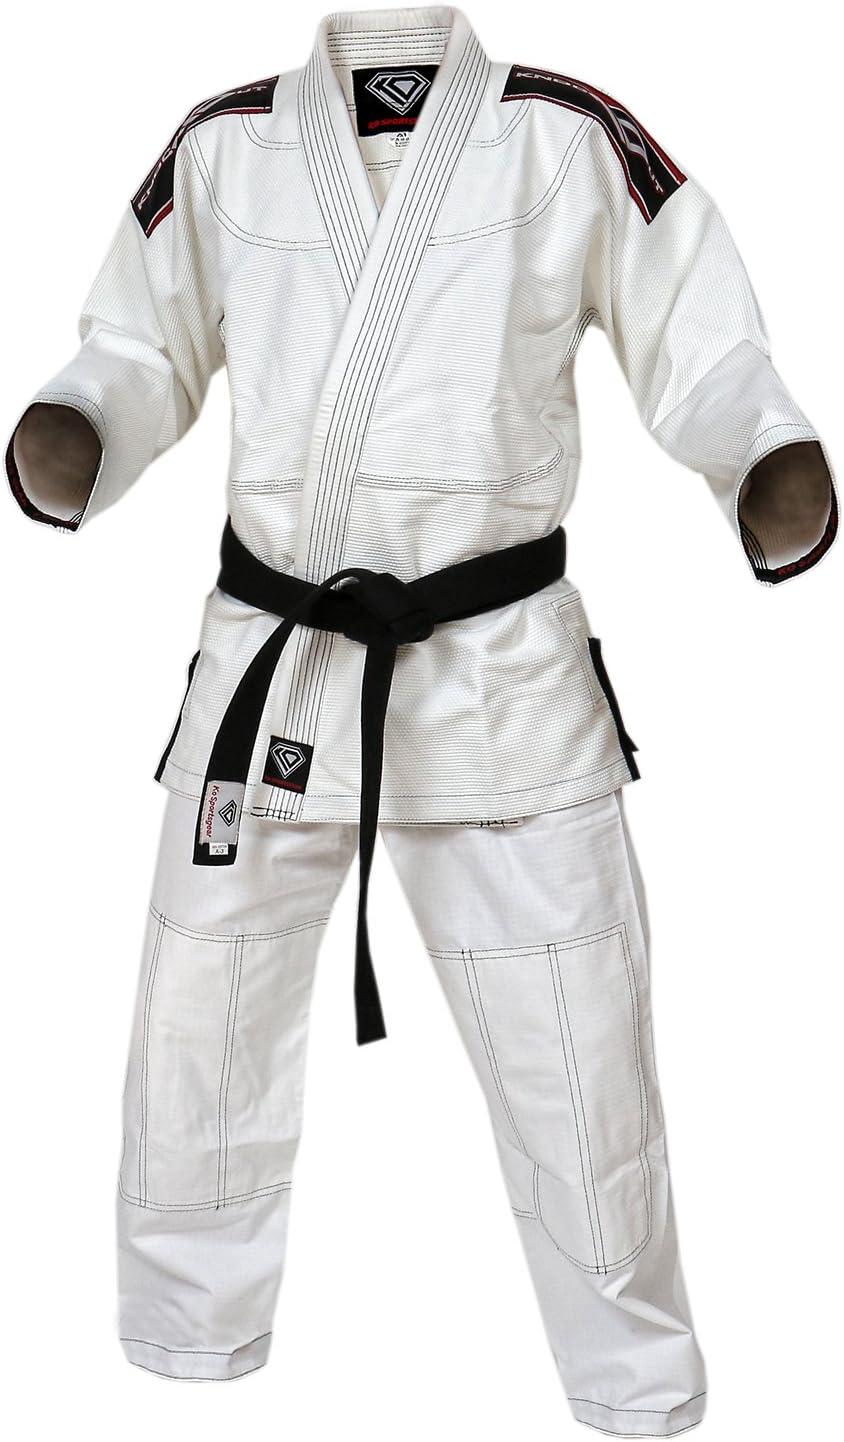 ホワイトGI Uniform Set by KOスポーツギア – 100 %コットンパール織りGI – Kompetitionシリーズ – BJJ Jiu Jitsu着物とパンツ ホワイト A0